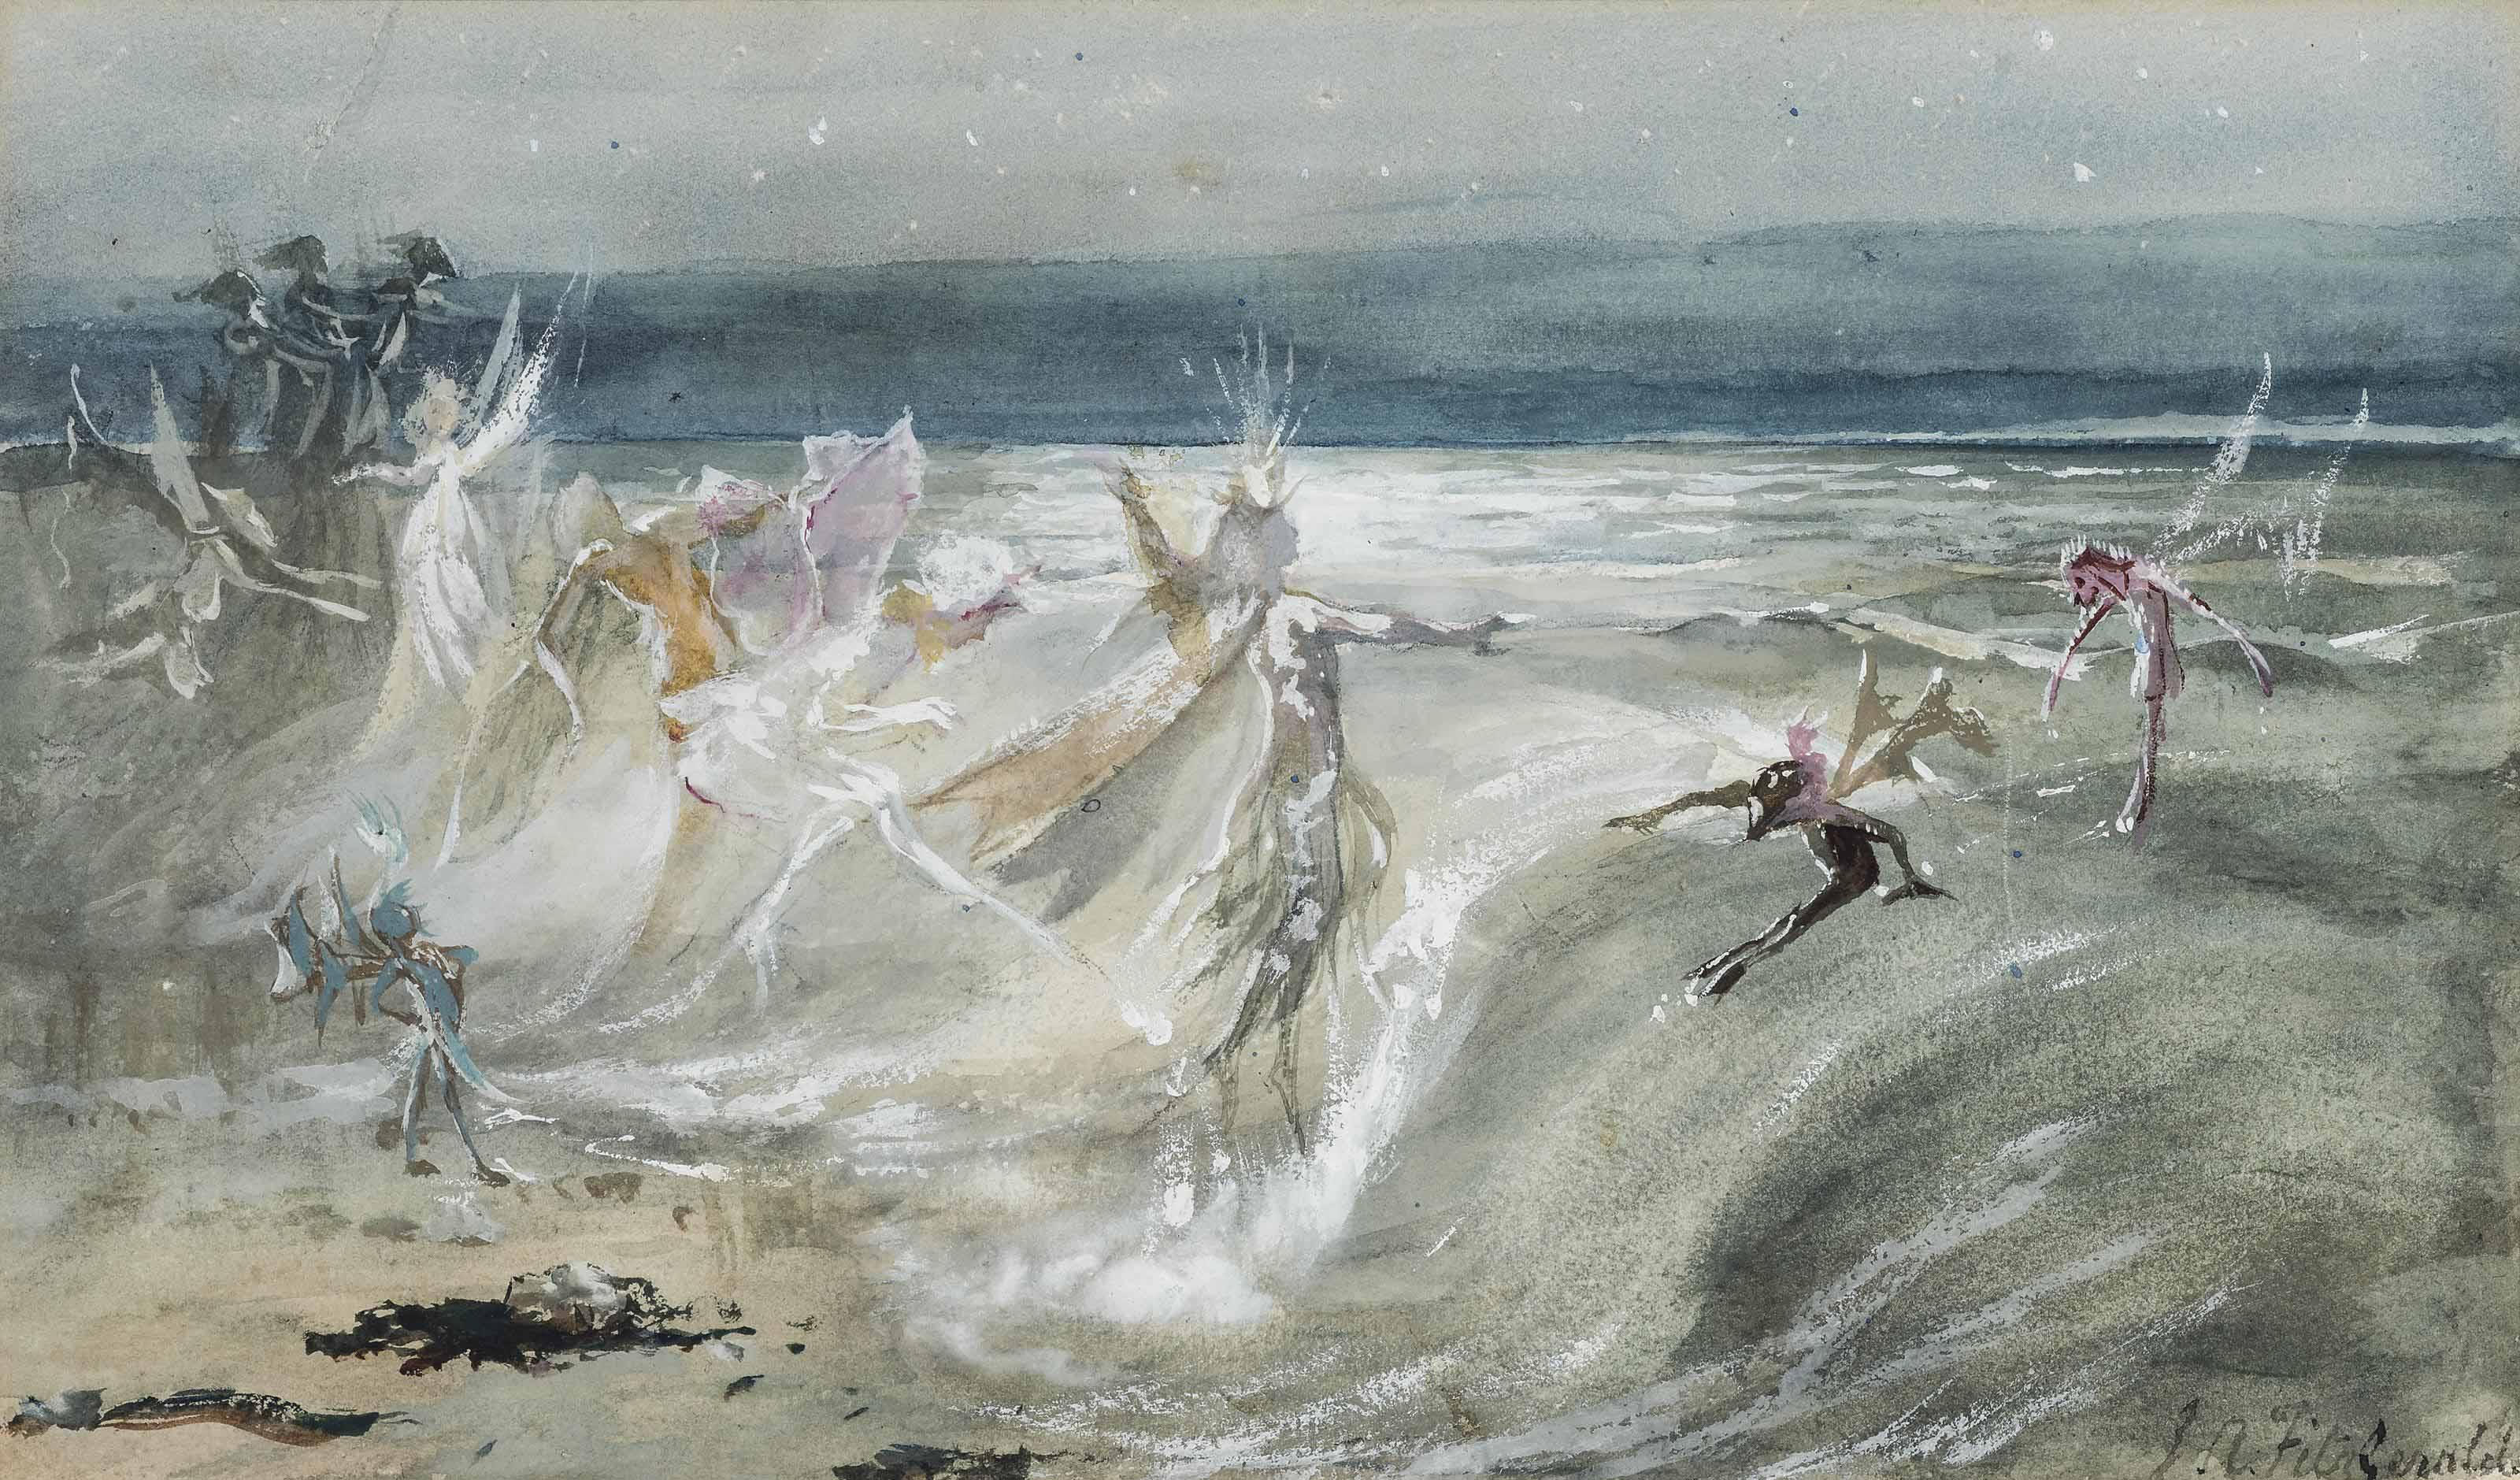 Sea sprites